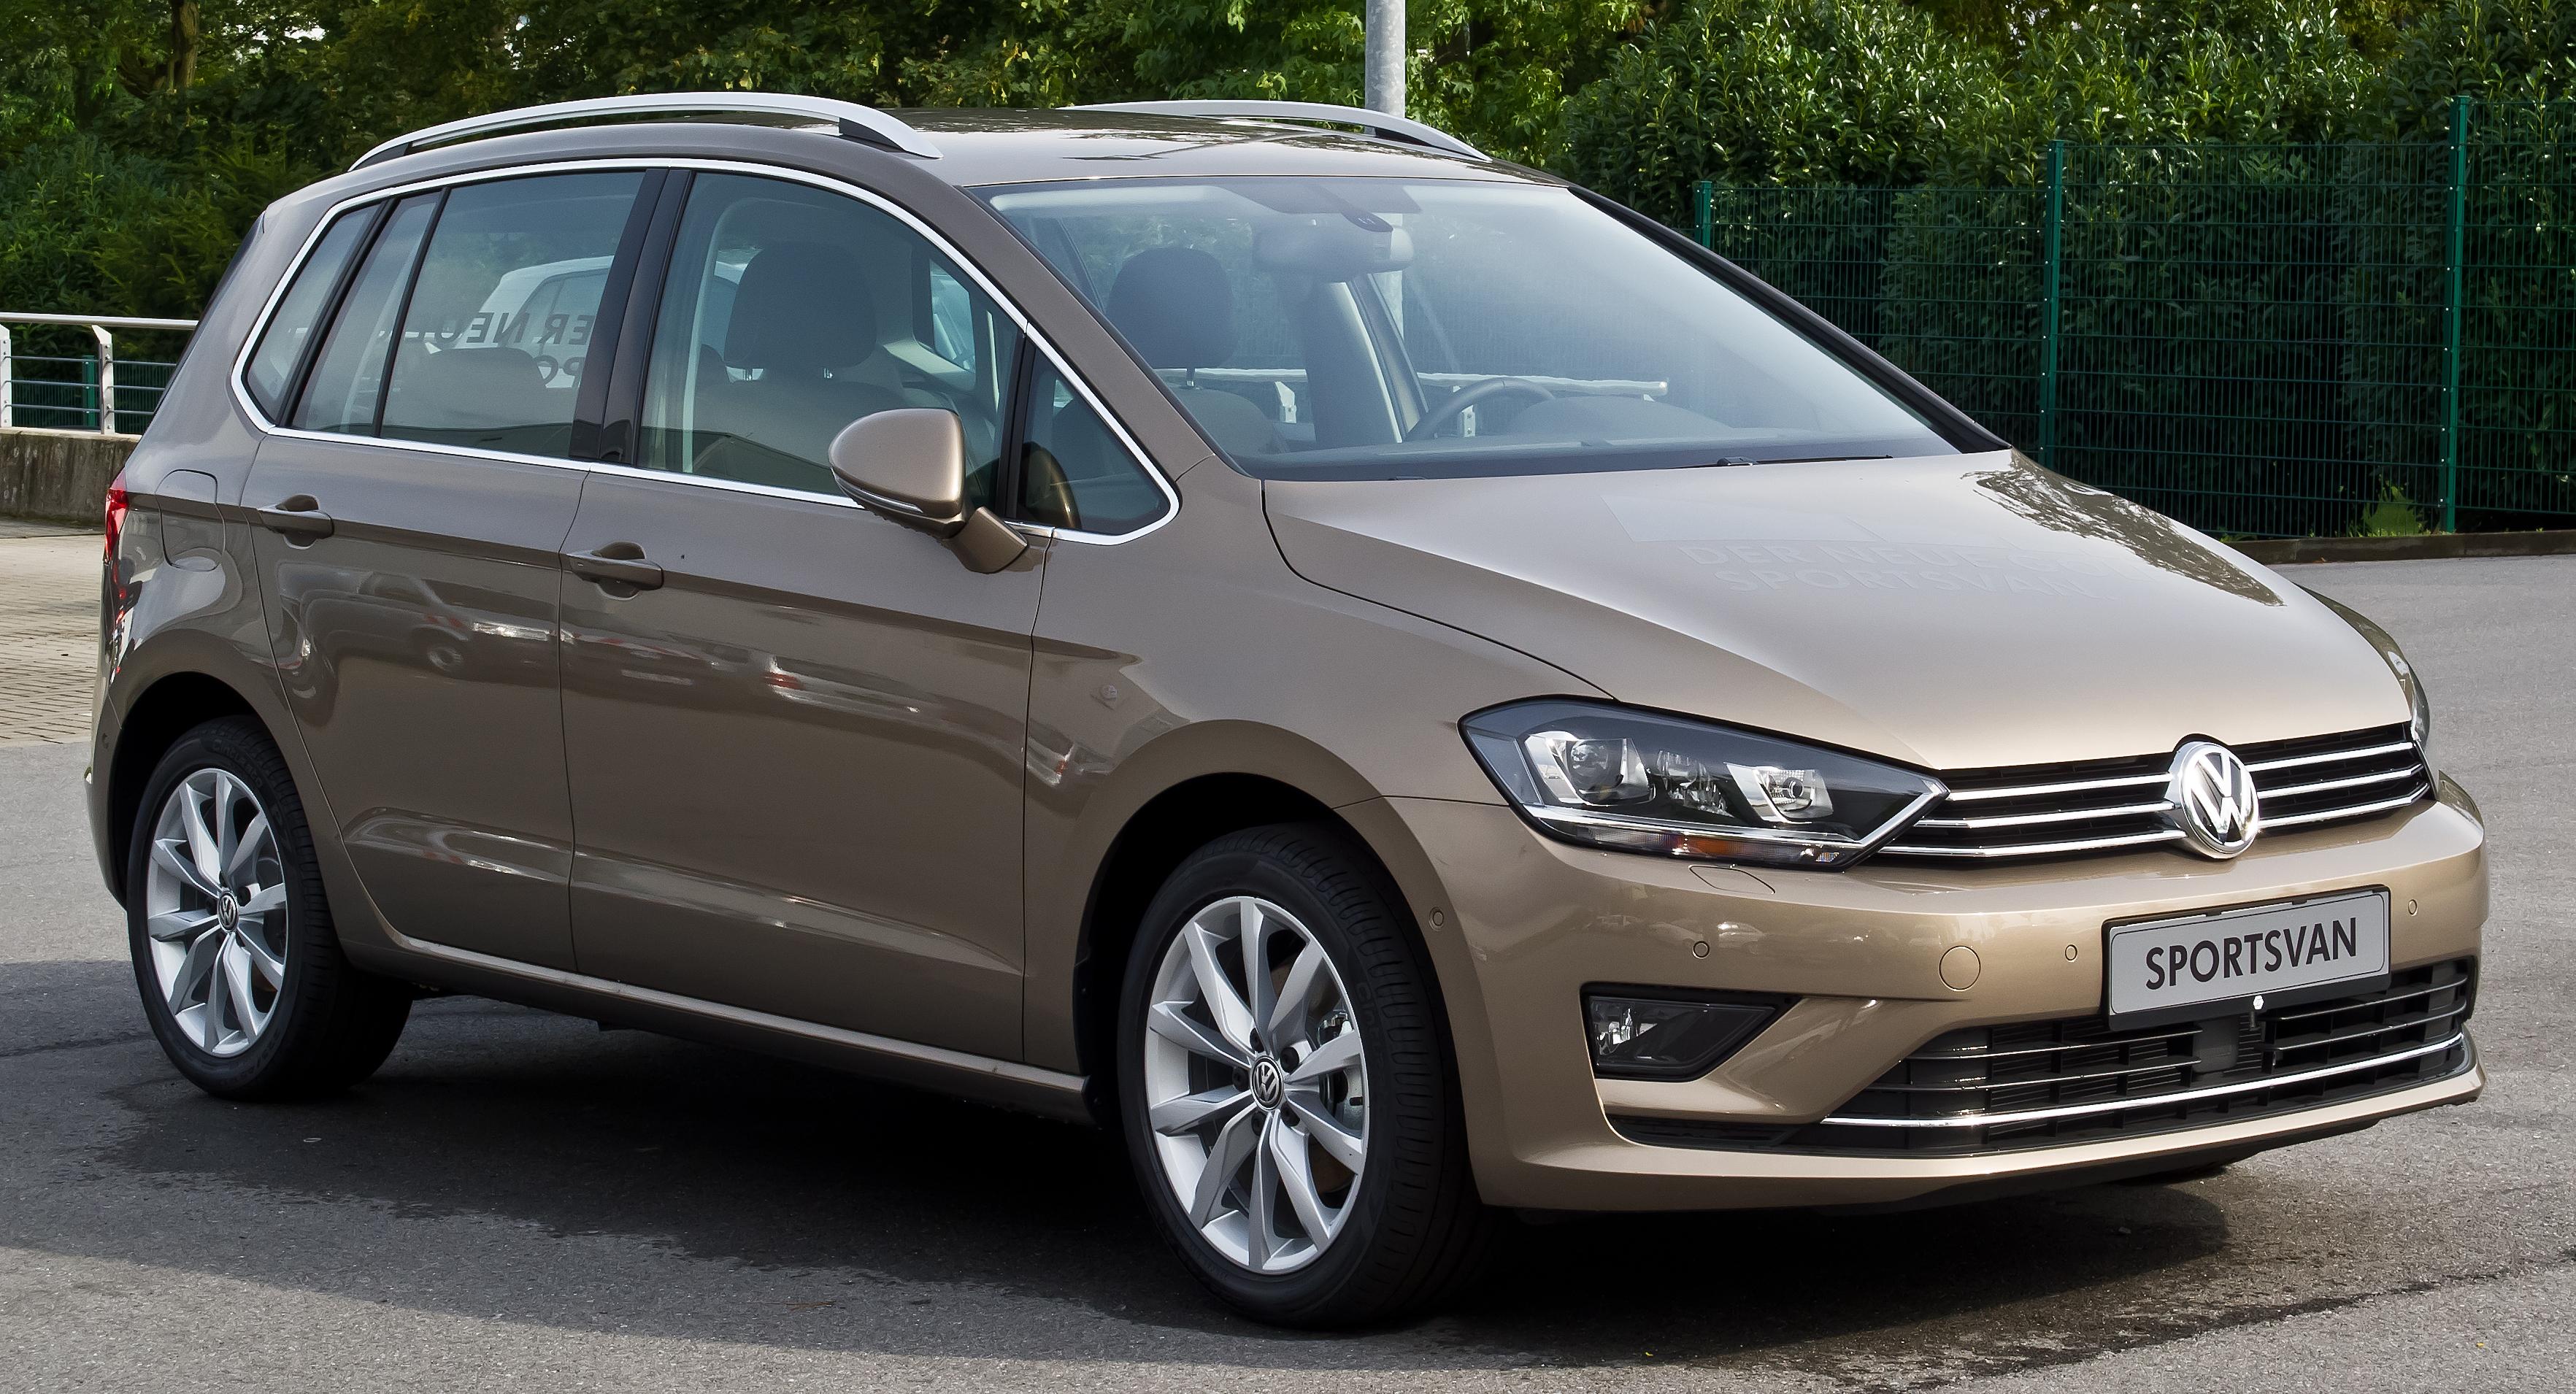 [Gewerbeleasing] VW Golf Sportsvan Highline (125 PS) für mtl. 99€ / netto und Sonderzahlung über 24 Monate mit 10.000km p.a. bei Autohaus Bauer